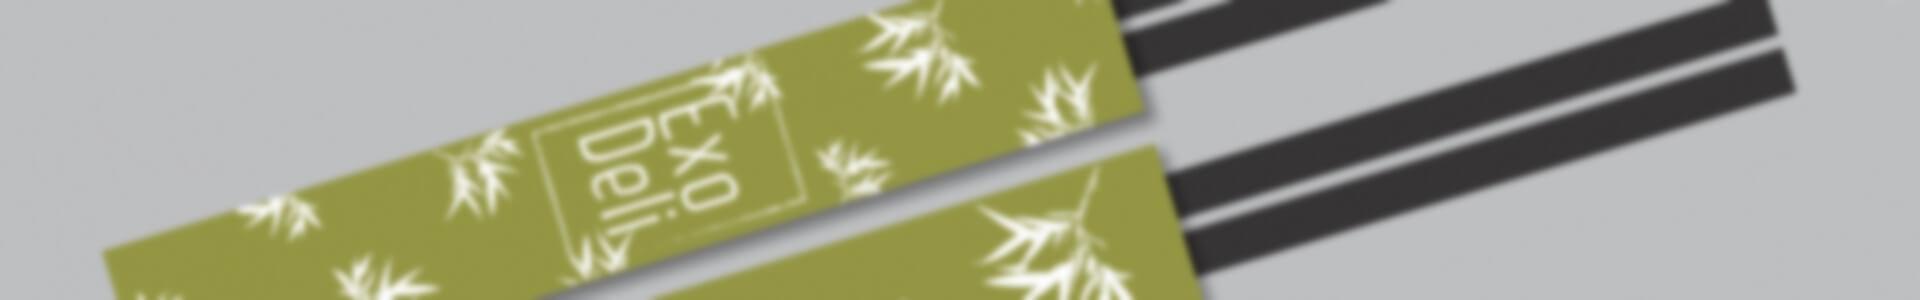 bao đũa 3 - In bao đũa, giấy lót bàn